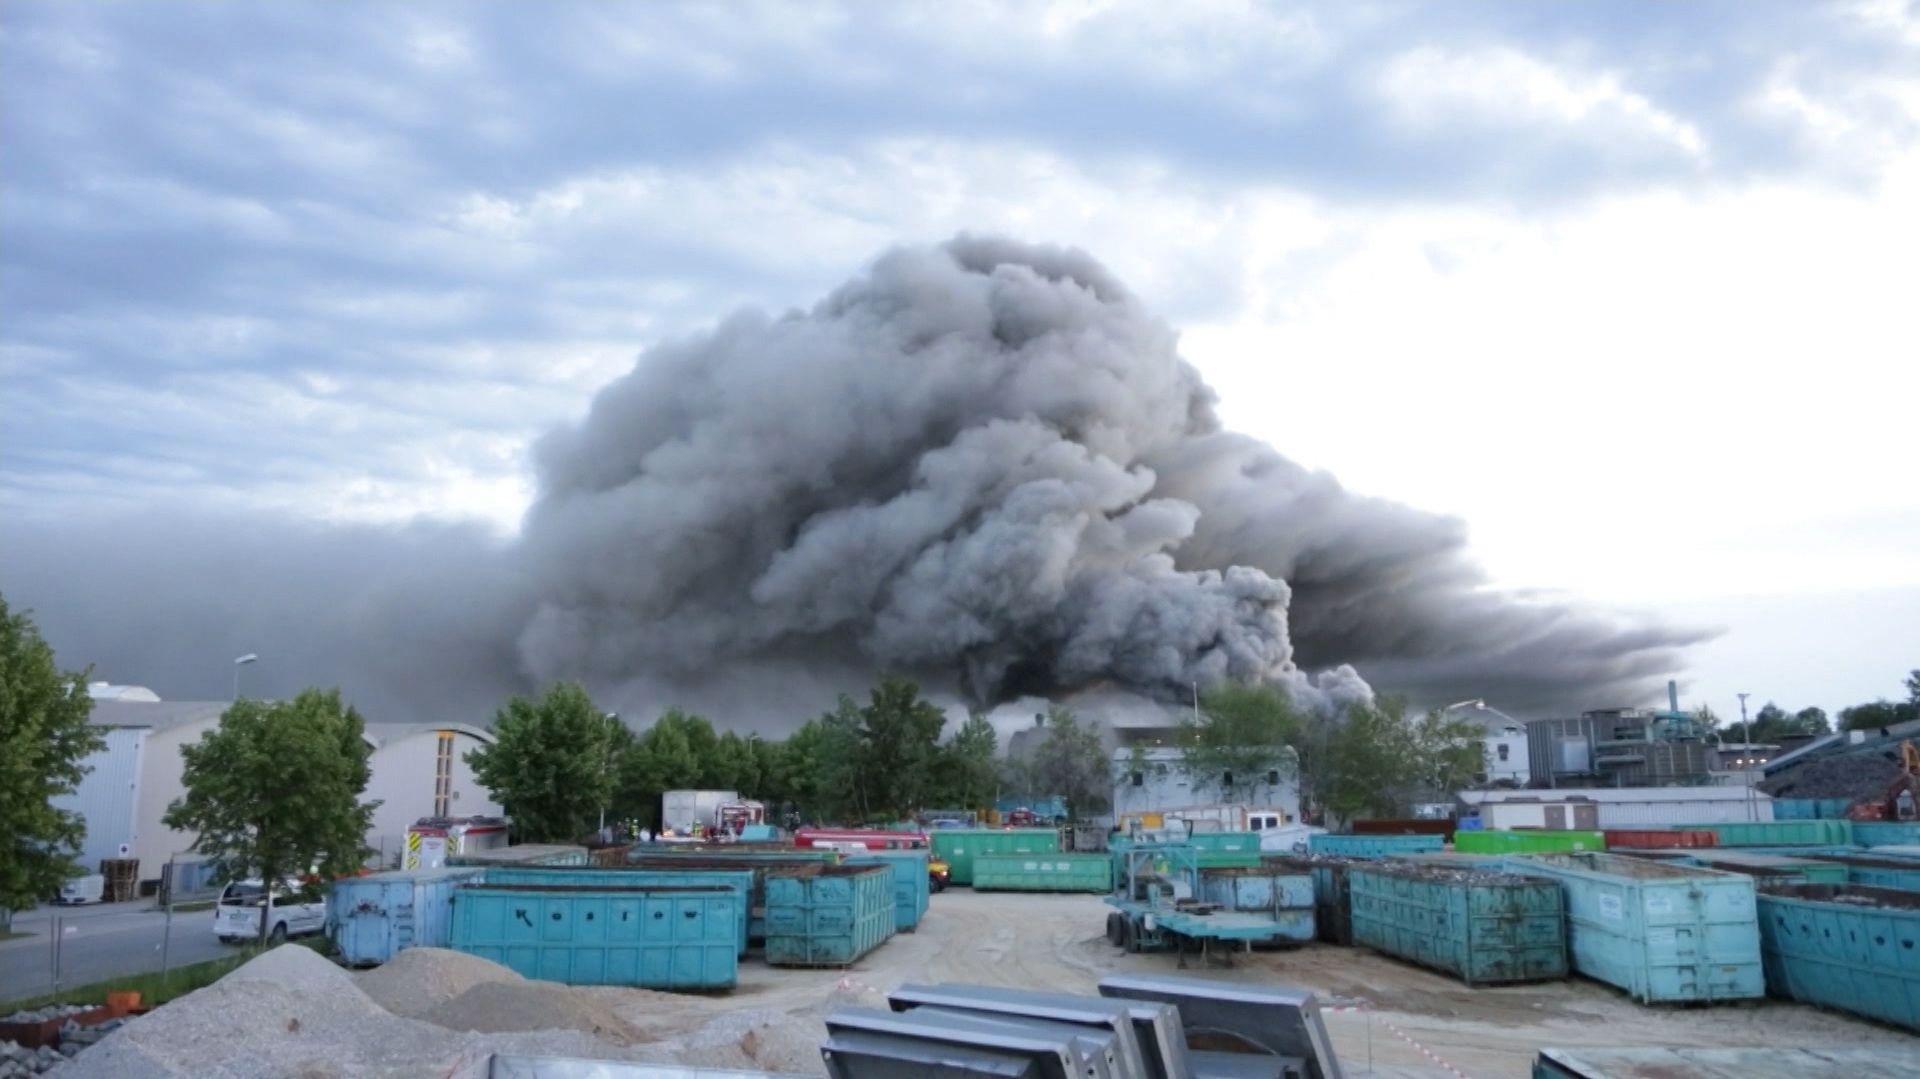 Vom 3. auf den 4. Juni ist über Teile des niederbayerischen Isar- und Vilstals eine große Rauchwolke hinweg gezogen.